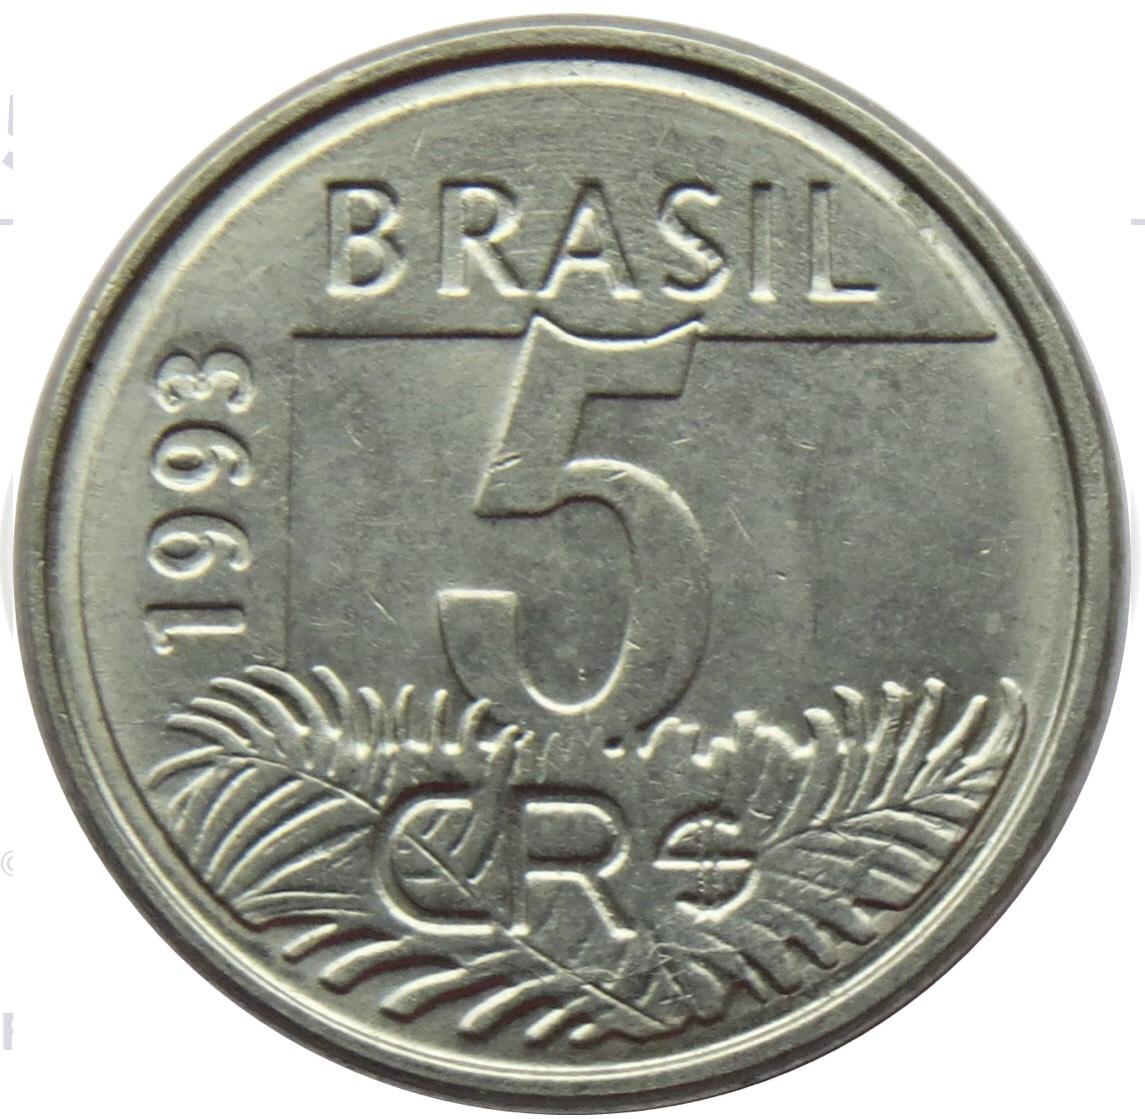 Đồng xu Brazil 5 centavos căp Vẹt đẹp [MỚI CỨNG] sưu tầm 21 mm